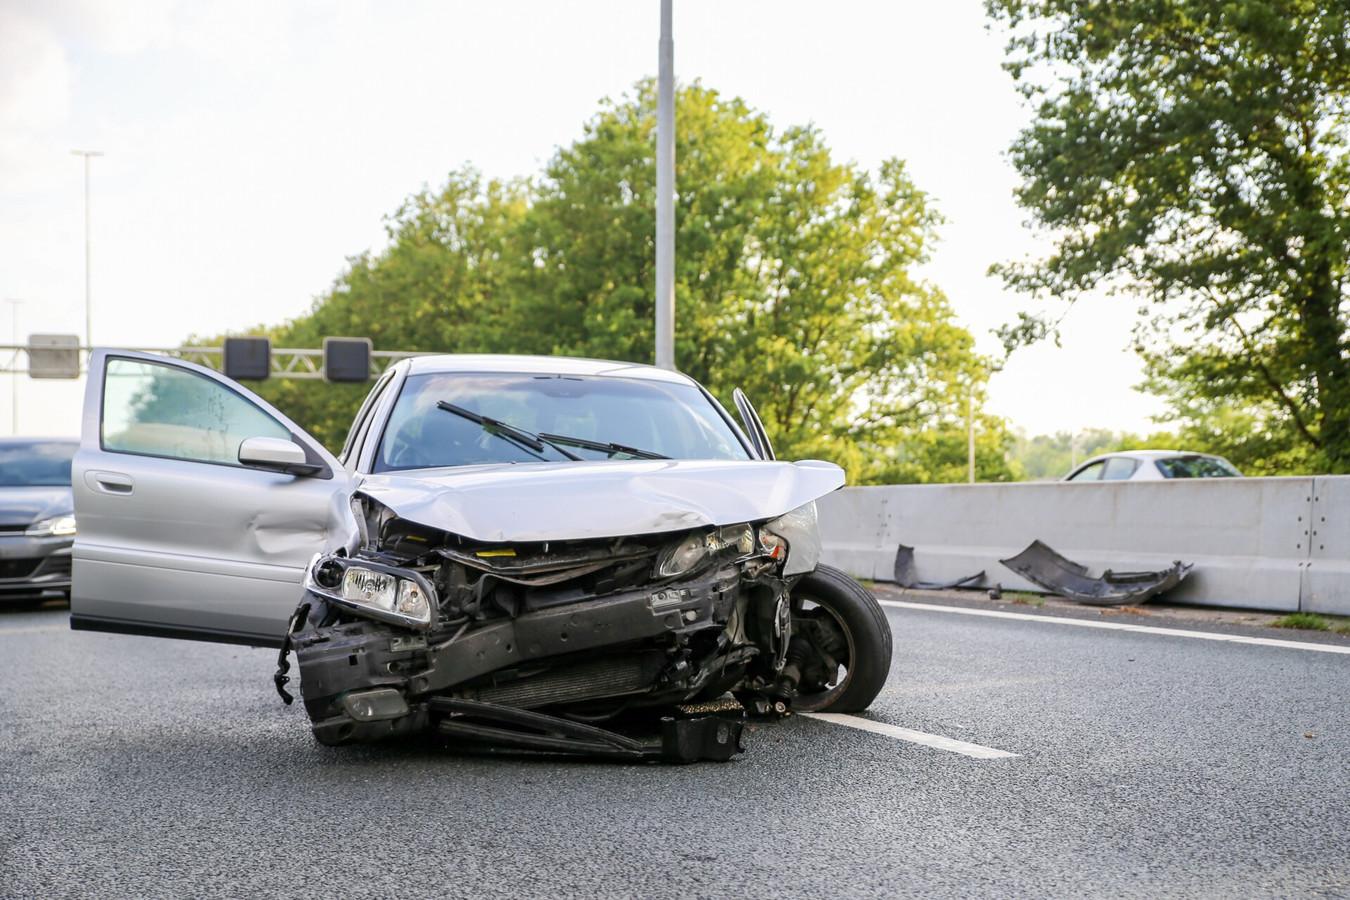 Ongeval op de A27 ter hoogte van Oosterhout